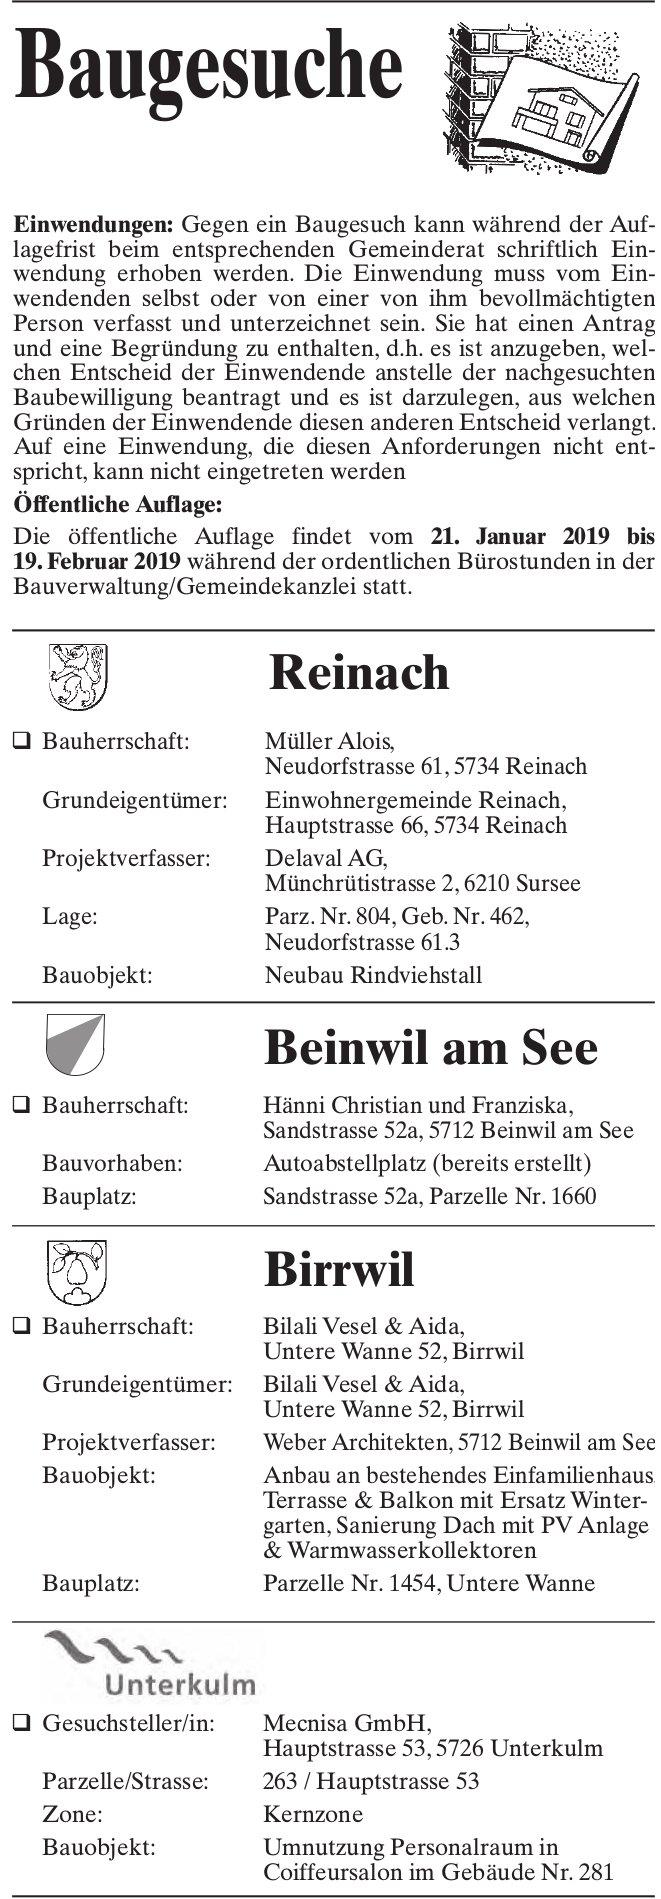 Baugesuche Reinach, Beinwil am See, Birrwil & Unterkulm